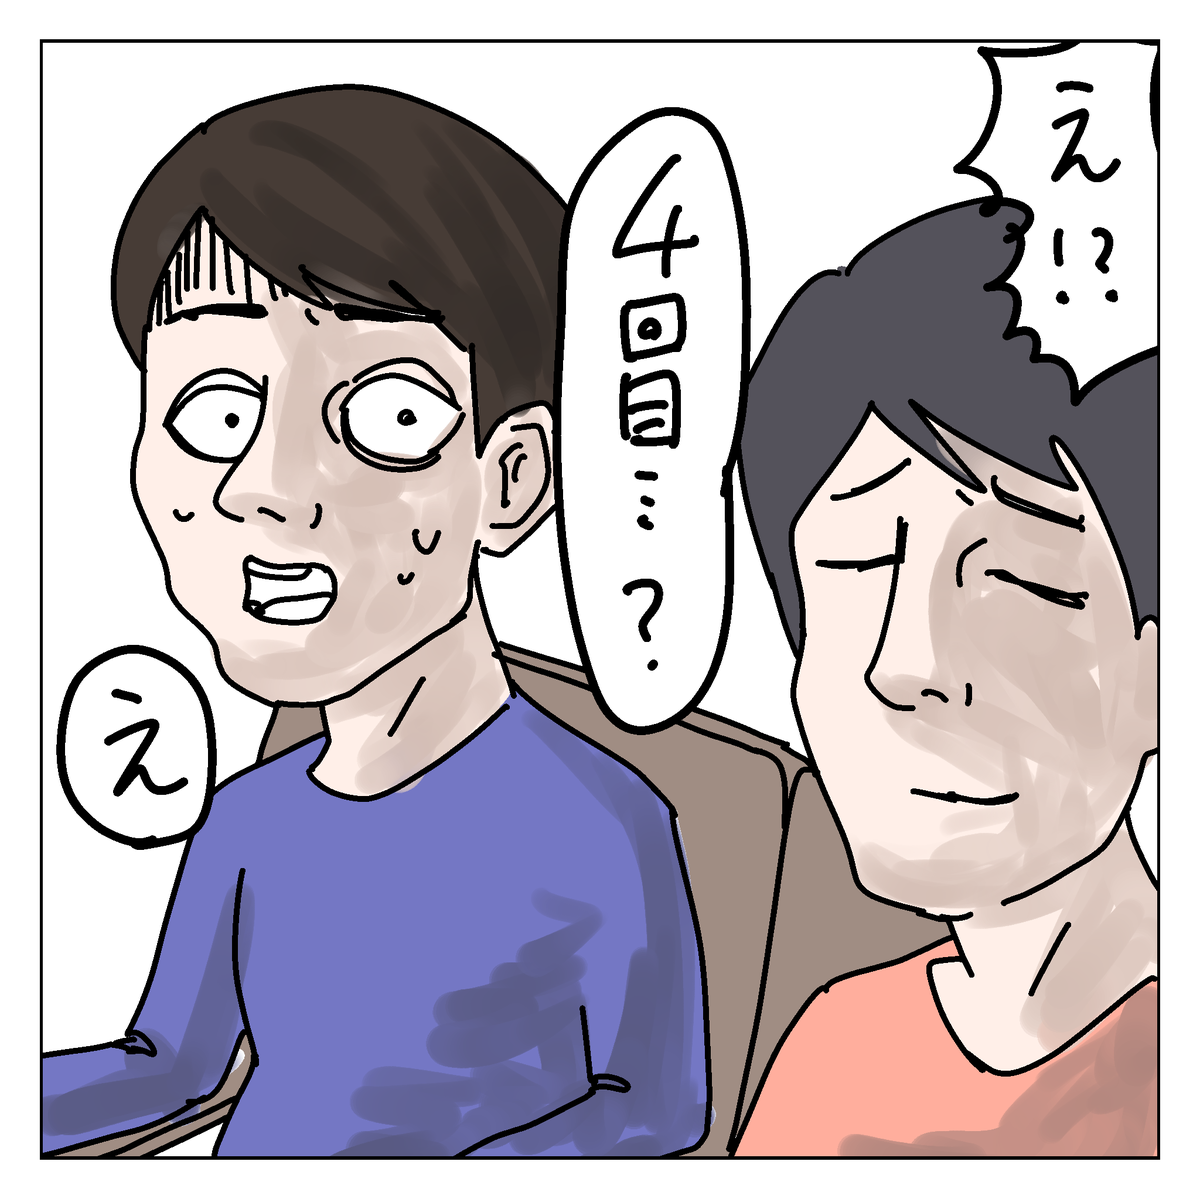 f:id:YuruFuwaTa:20200515120436p:plain